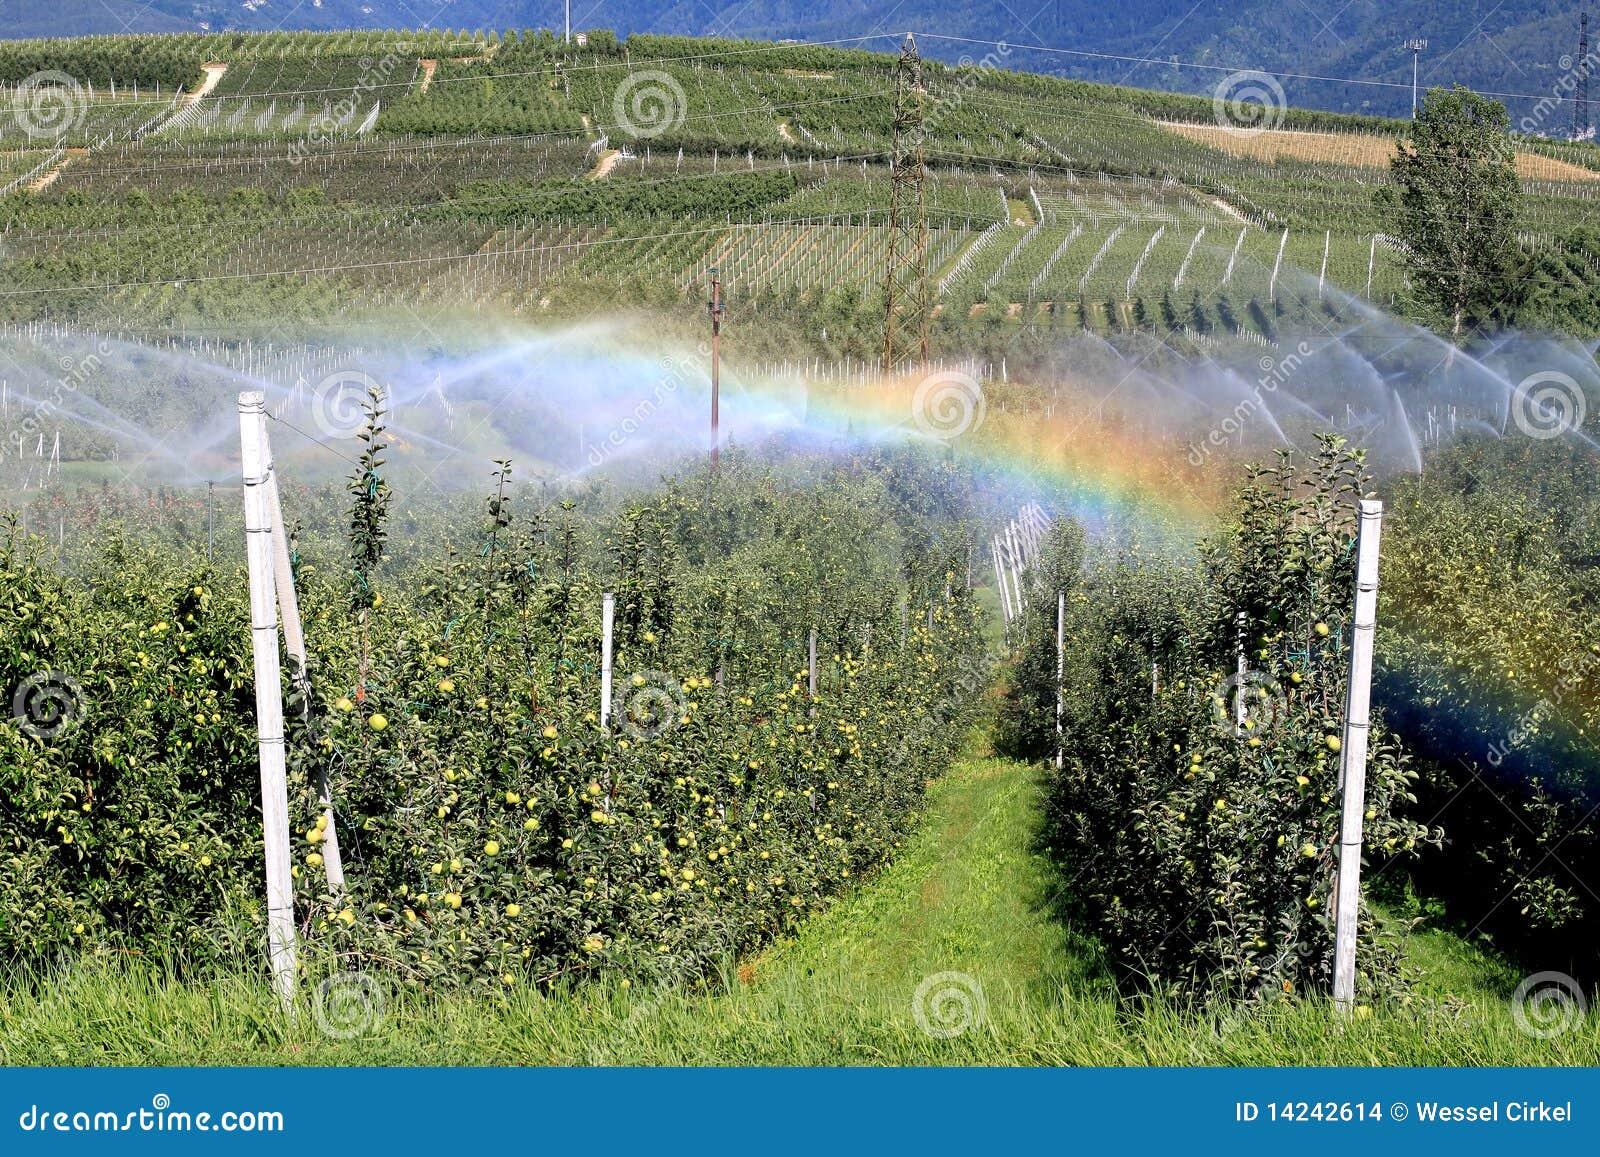 Arco-íris pela irrigação de um pomar de maçã, Italy